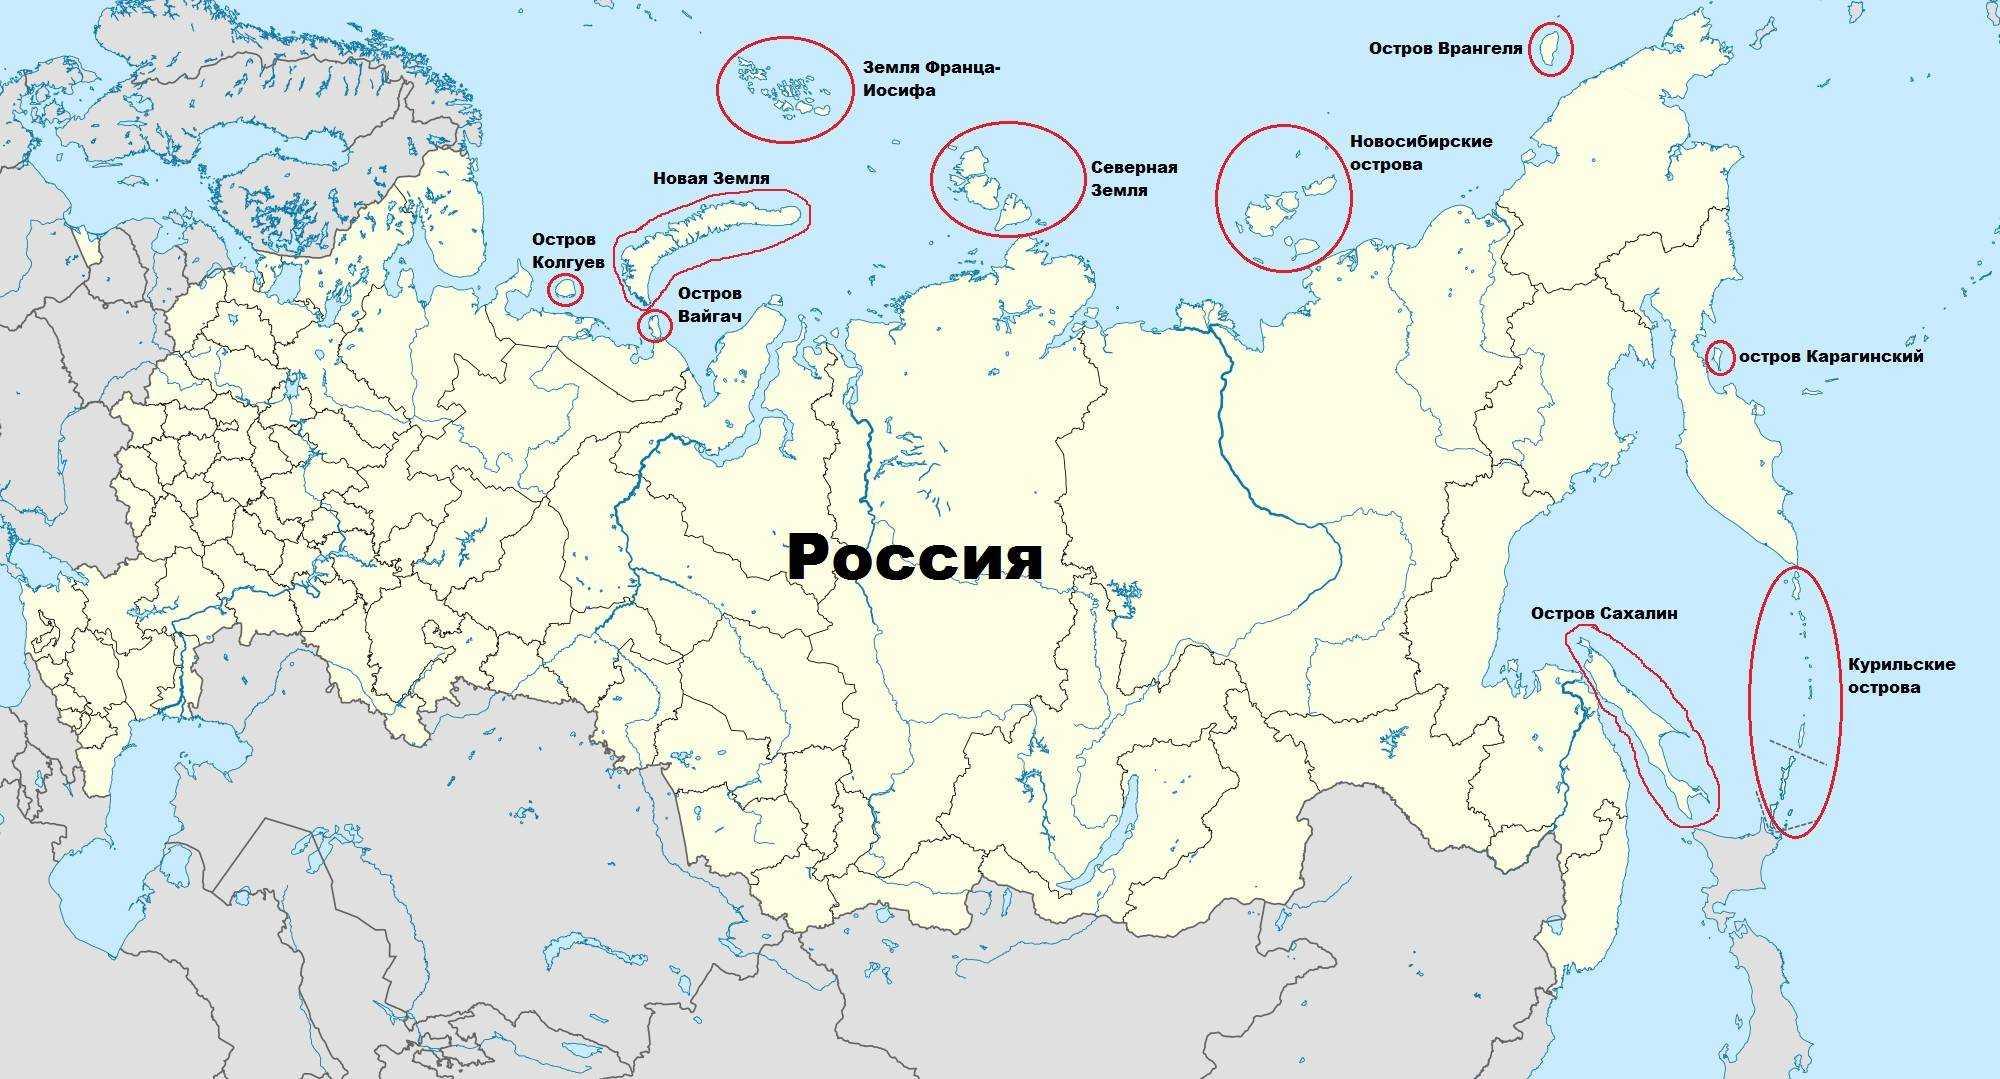 ТОП 10 крупнейших островов России - карта, названия, площадь и краткое описание 2